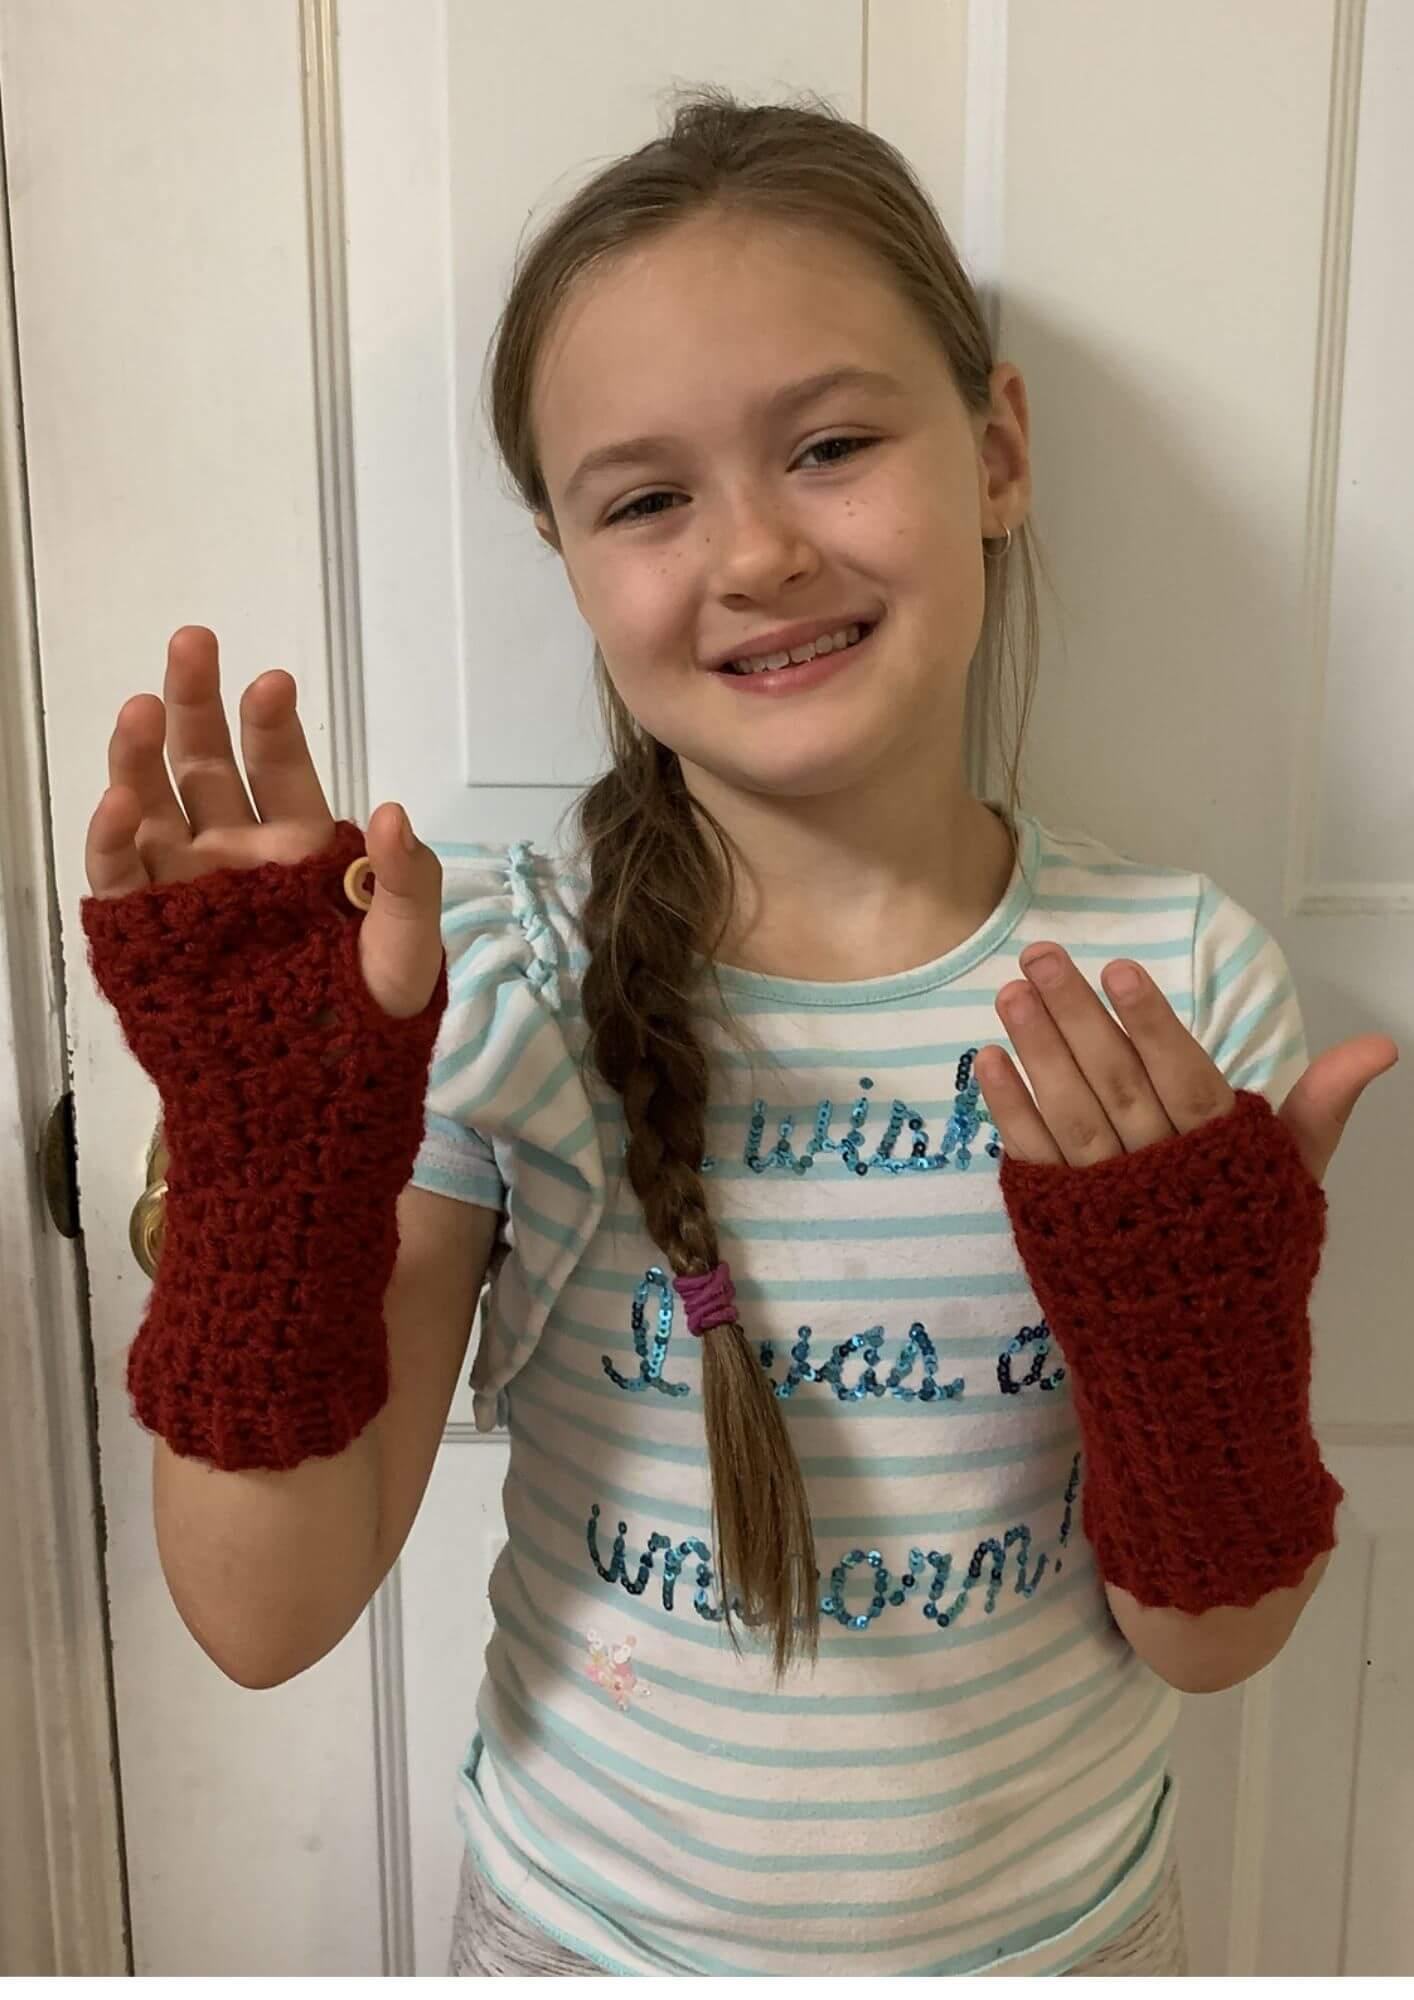 Easy crochet fingerless glove pattern.